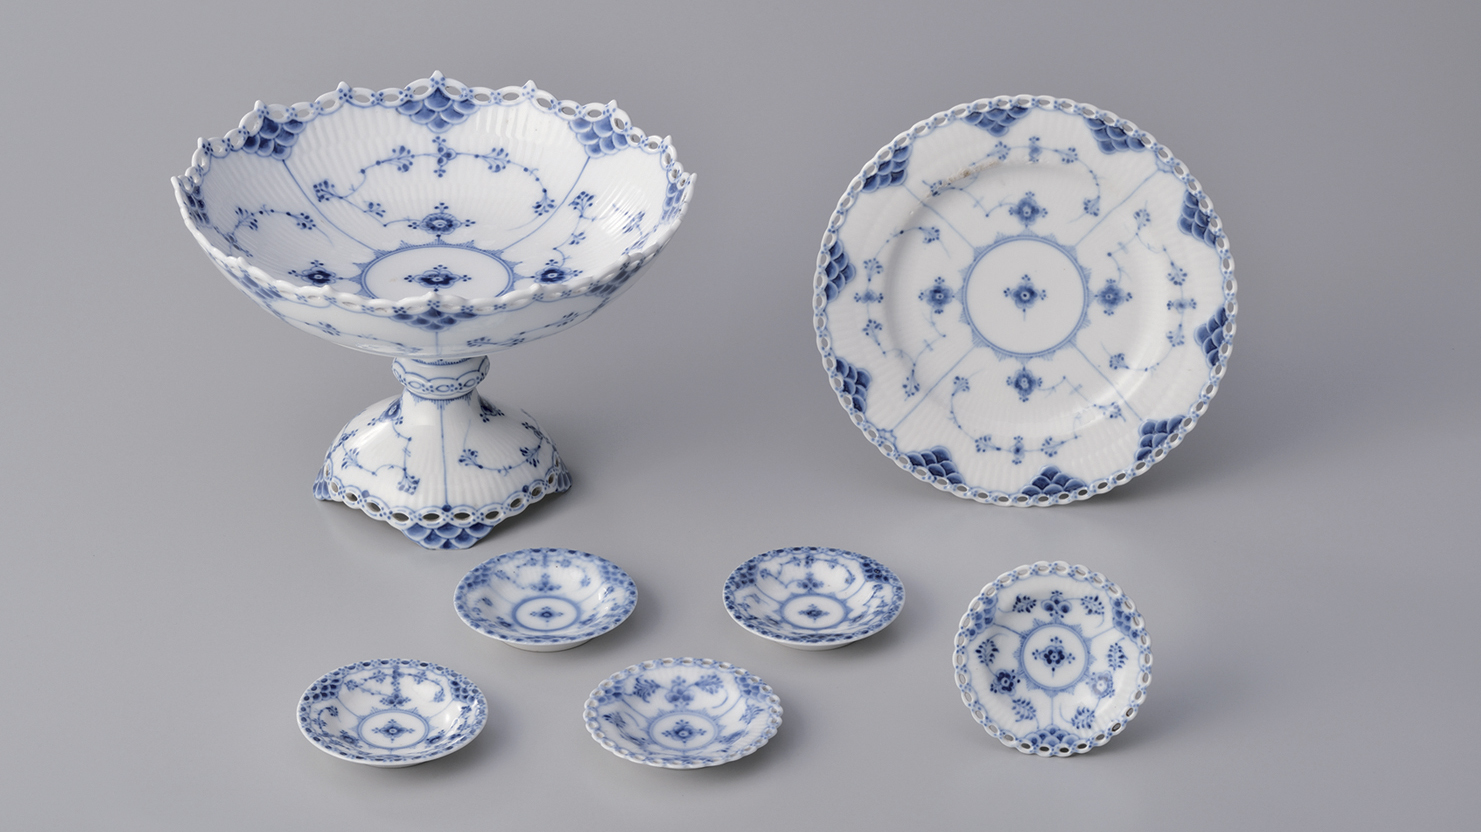 コンポート、皿、バターパット〈ブルーフルーテッド〉 ロイヤル コペンハーゲン 塩川コレクション